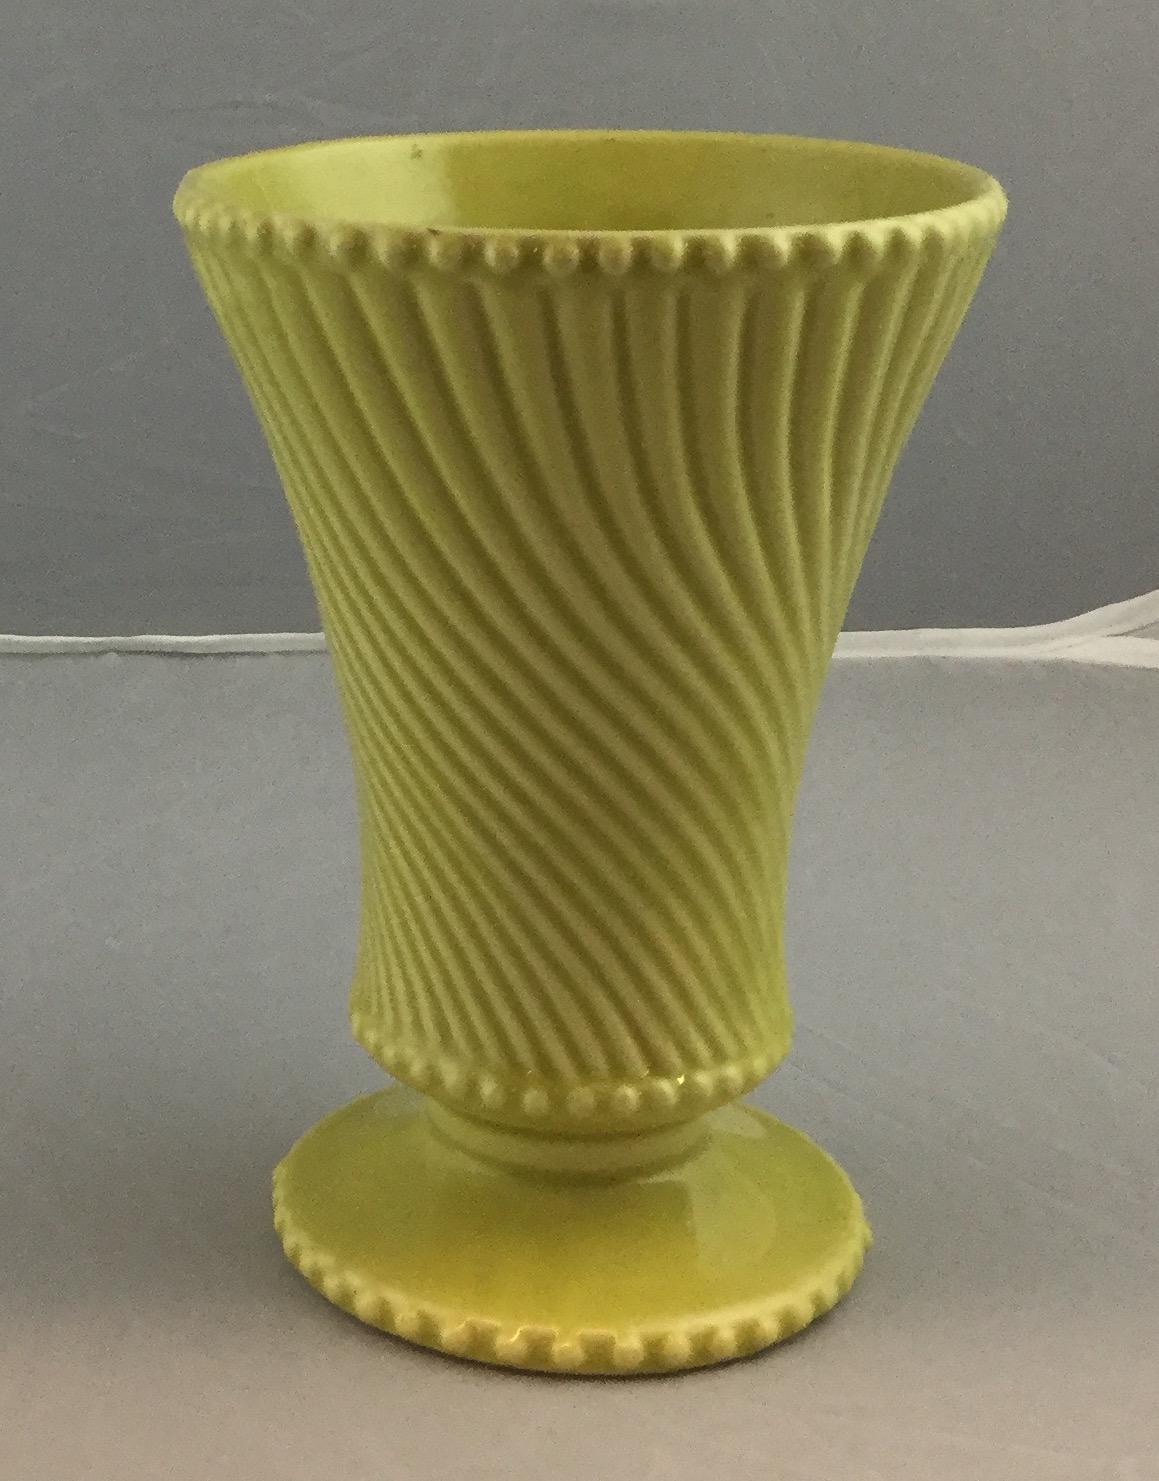 McCoy-Swirled-Vase_55292A.jpg